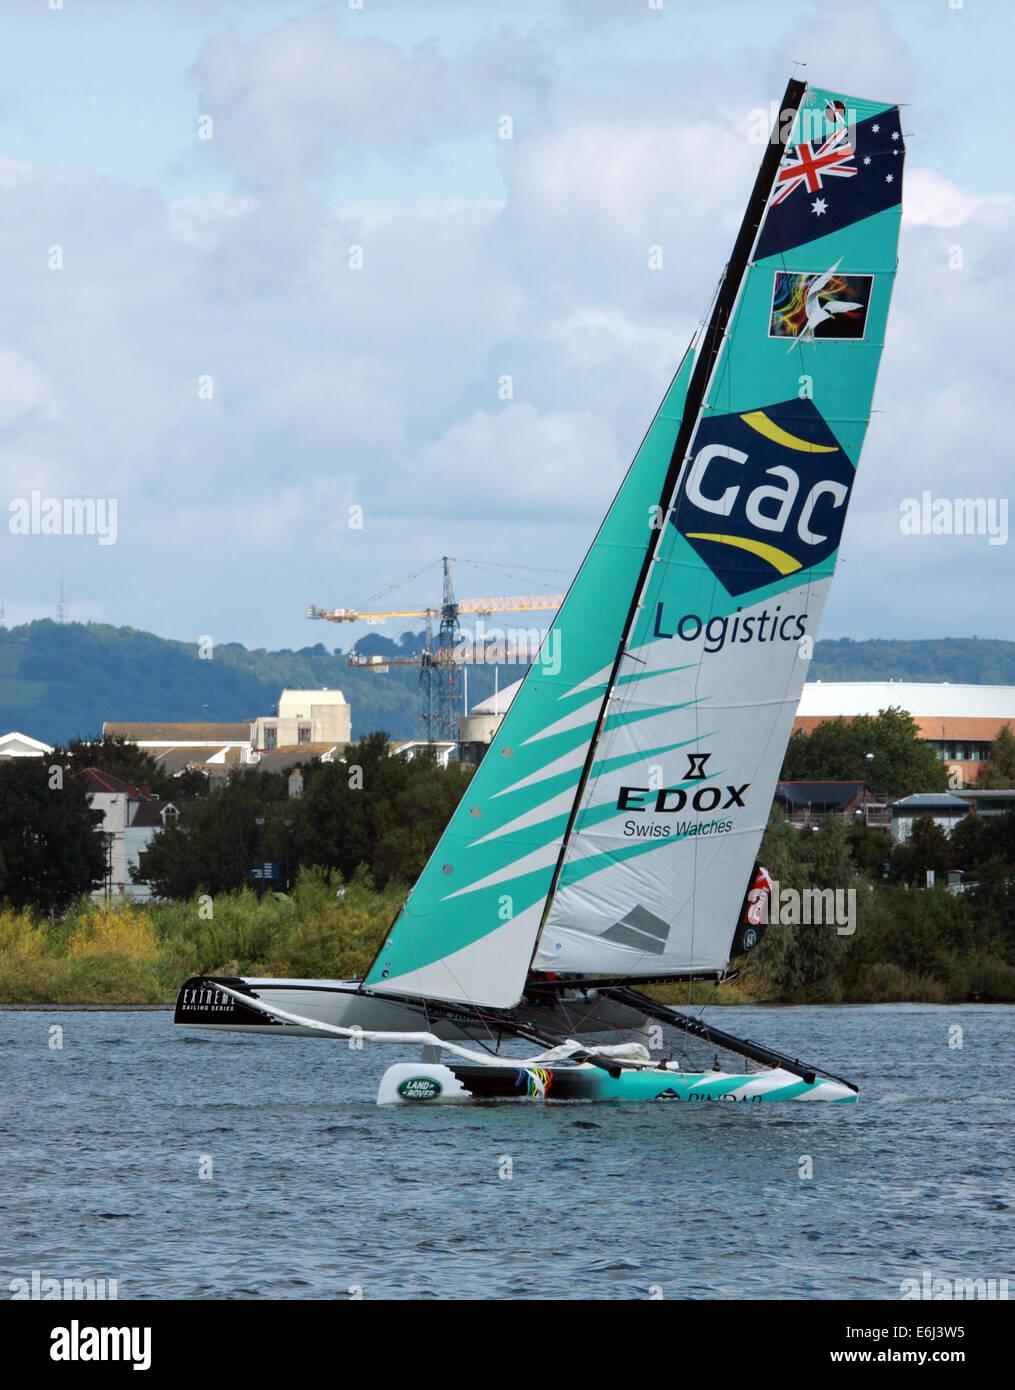 Catamarans à voile extrême événement dans la baie de Cardiff, le 23 août 2014 Photo Stock